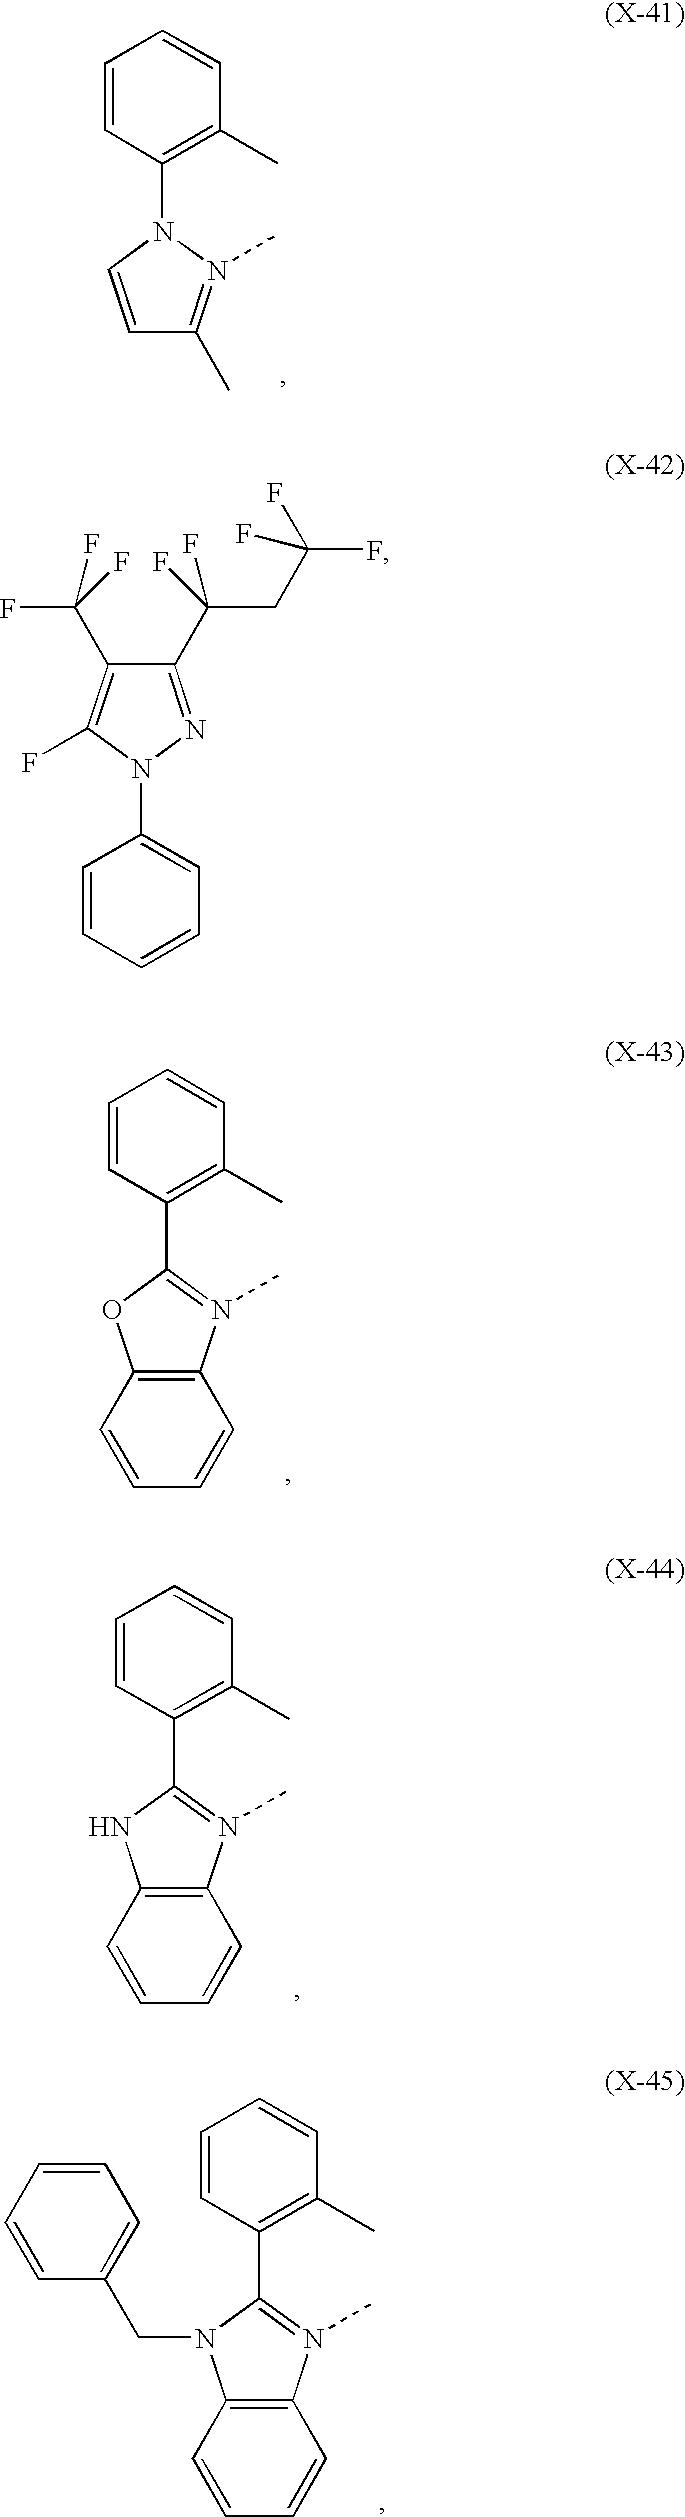 Figure US09362510-20160607-C00046